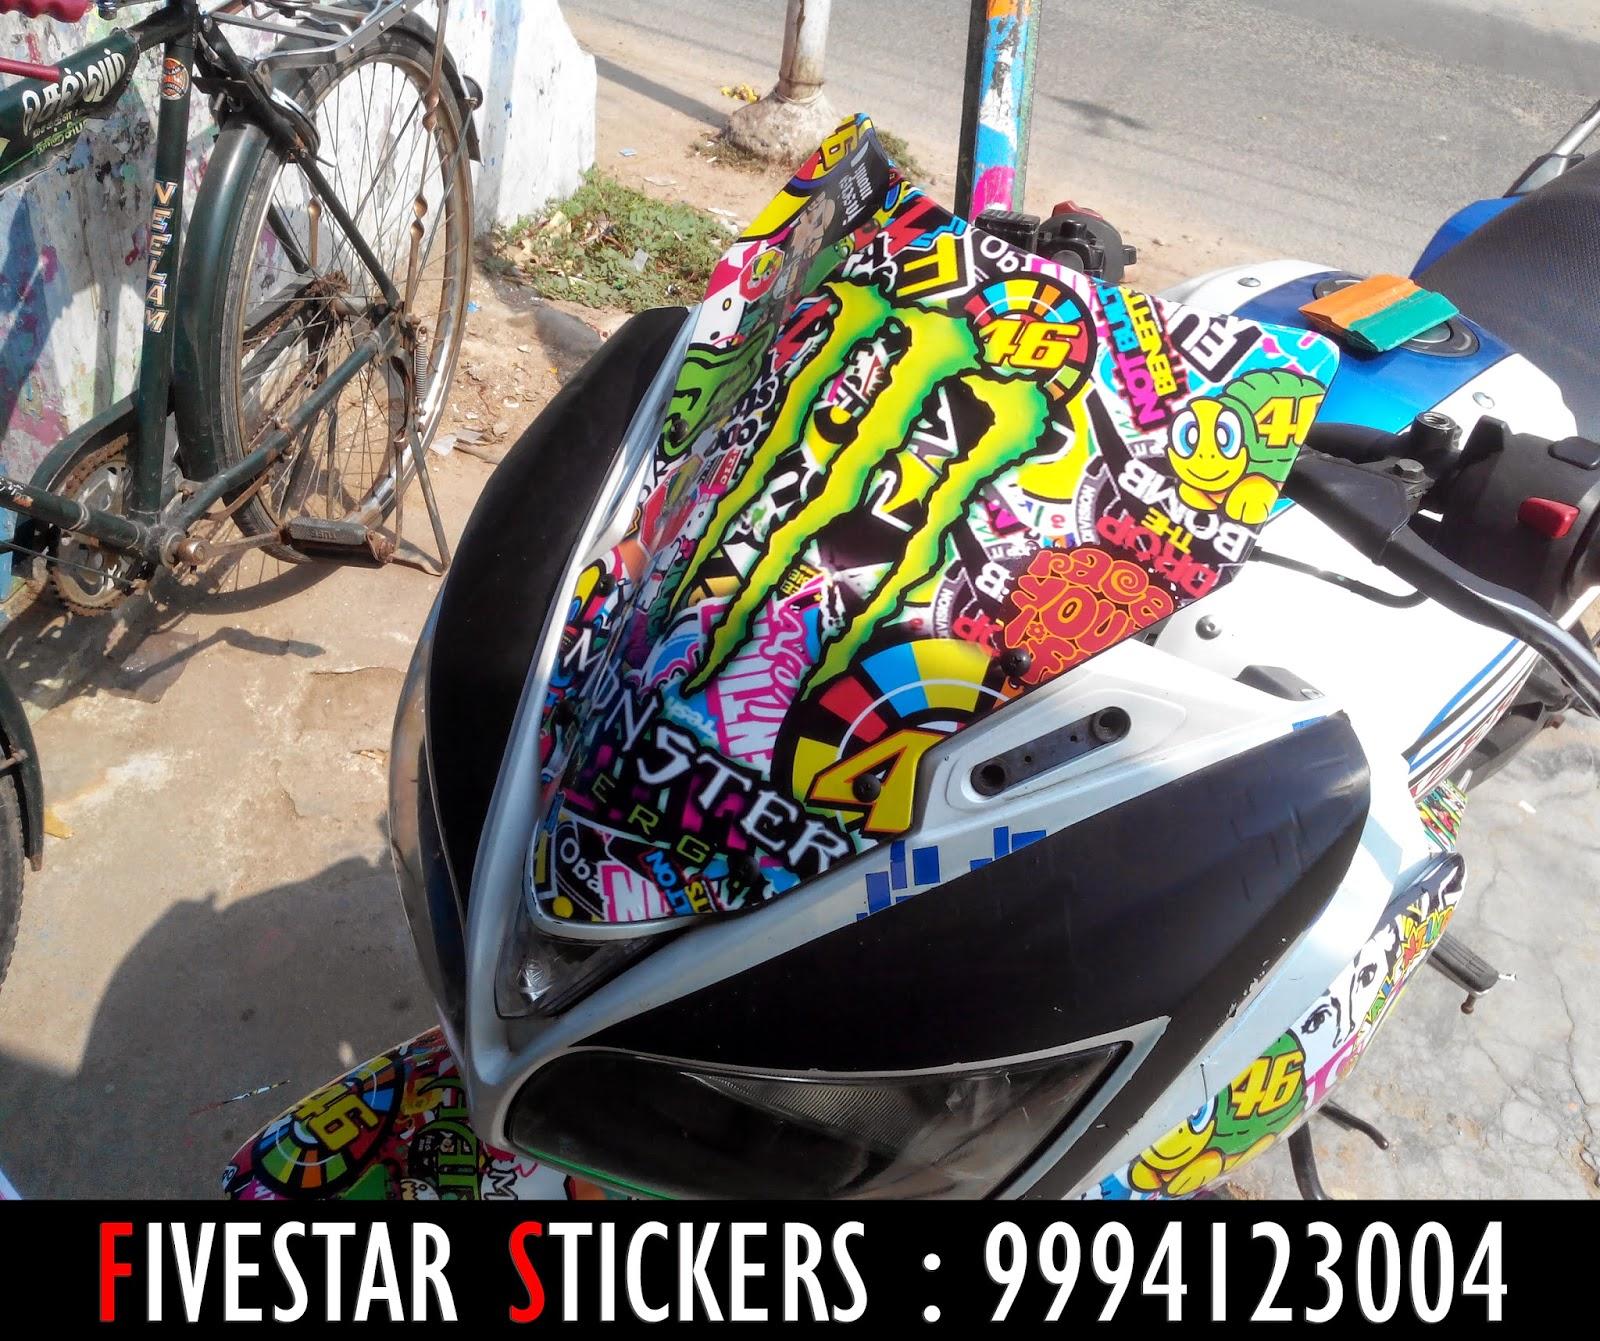 Yamaha bike sticker designs - Yamaha Fazer Sticker Bomb Wrapping